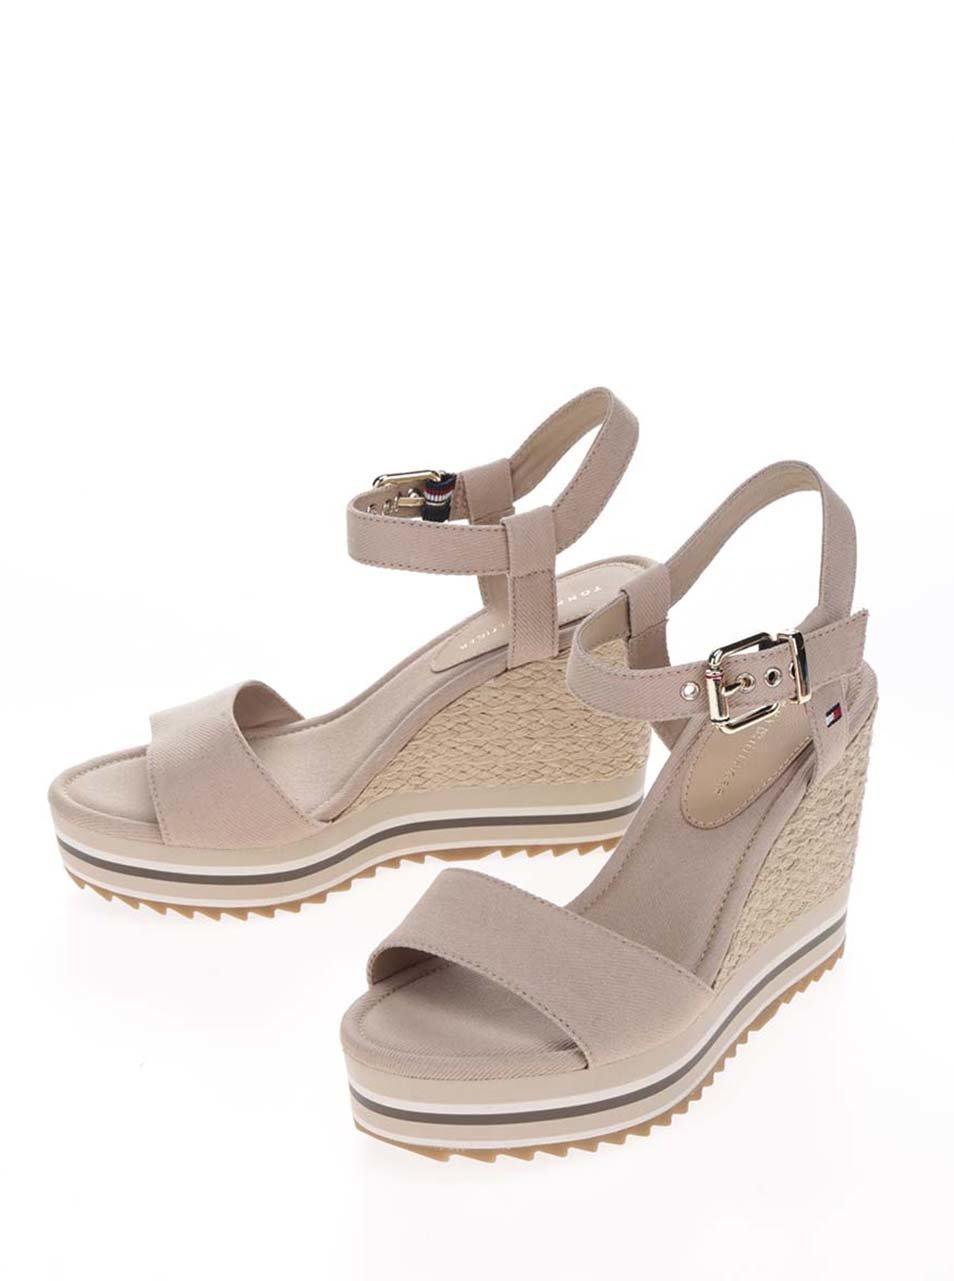 faf64a544c76 Béžové dámské sandály na klínku Tommy Hilfiger ...